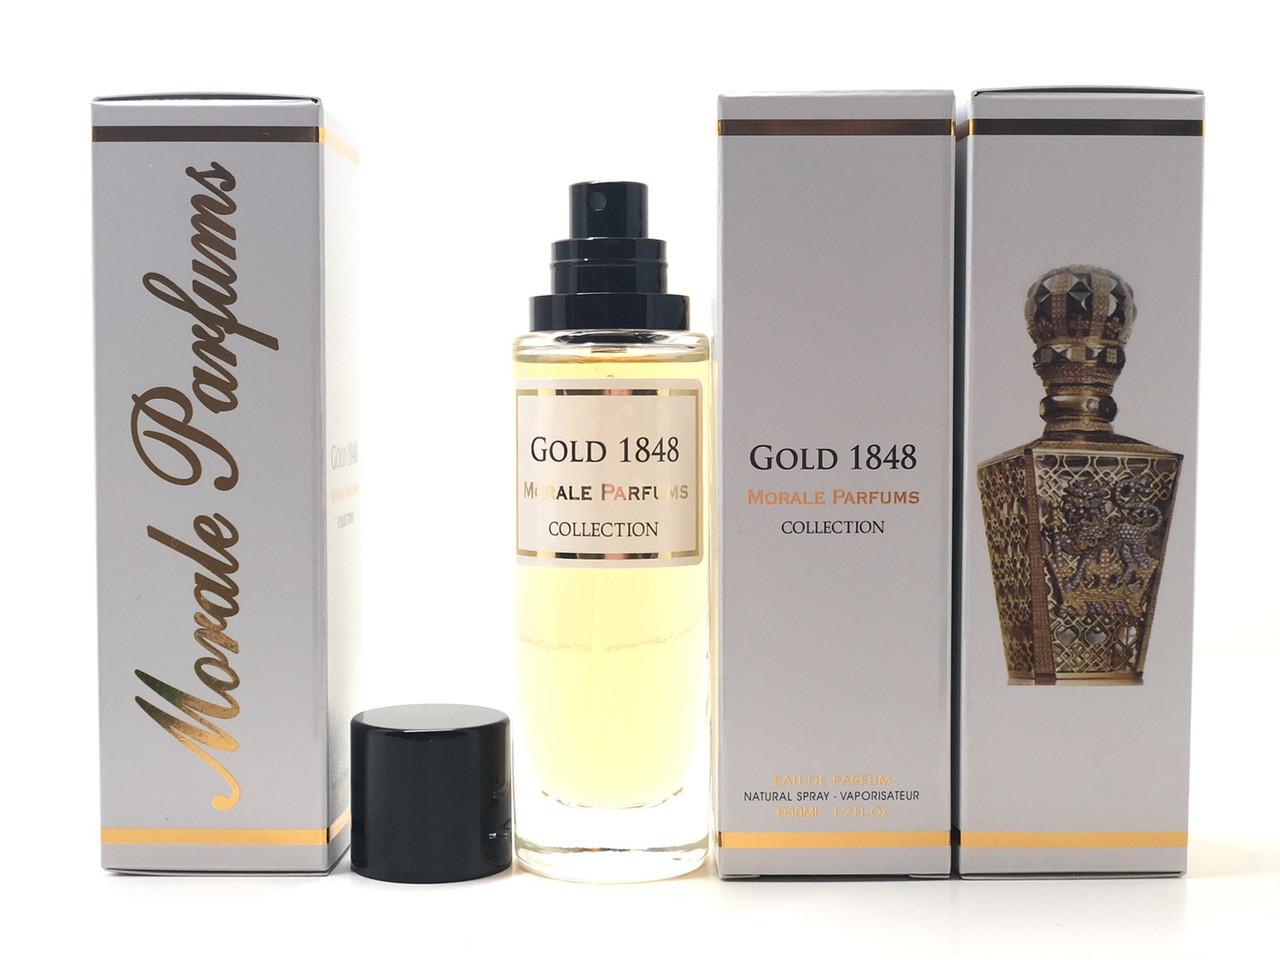 Аромат унисекс Gold 1848 Morale Parfums  (Голд 1848 Морал Парфюм) 30 мл